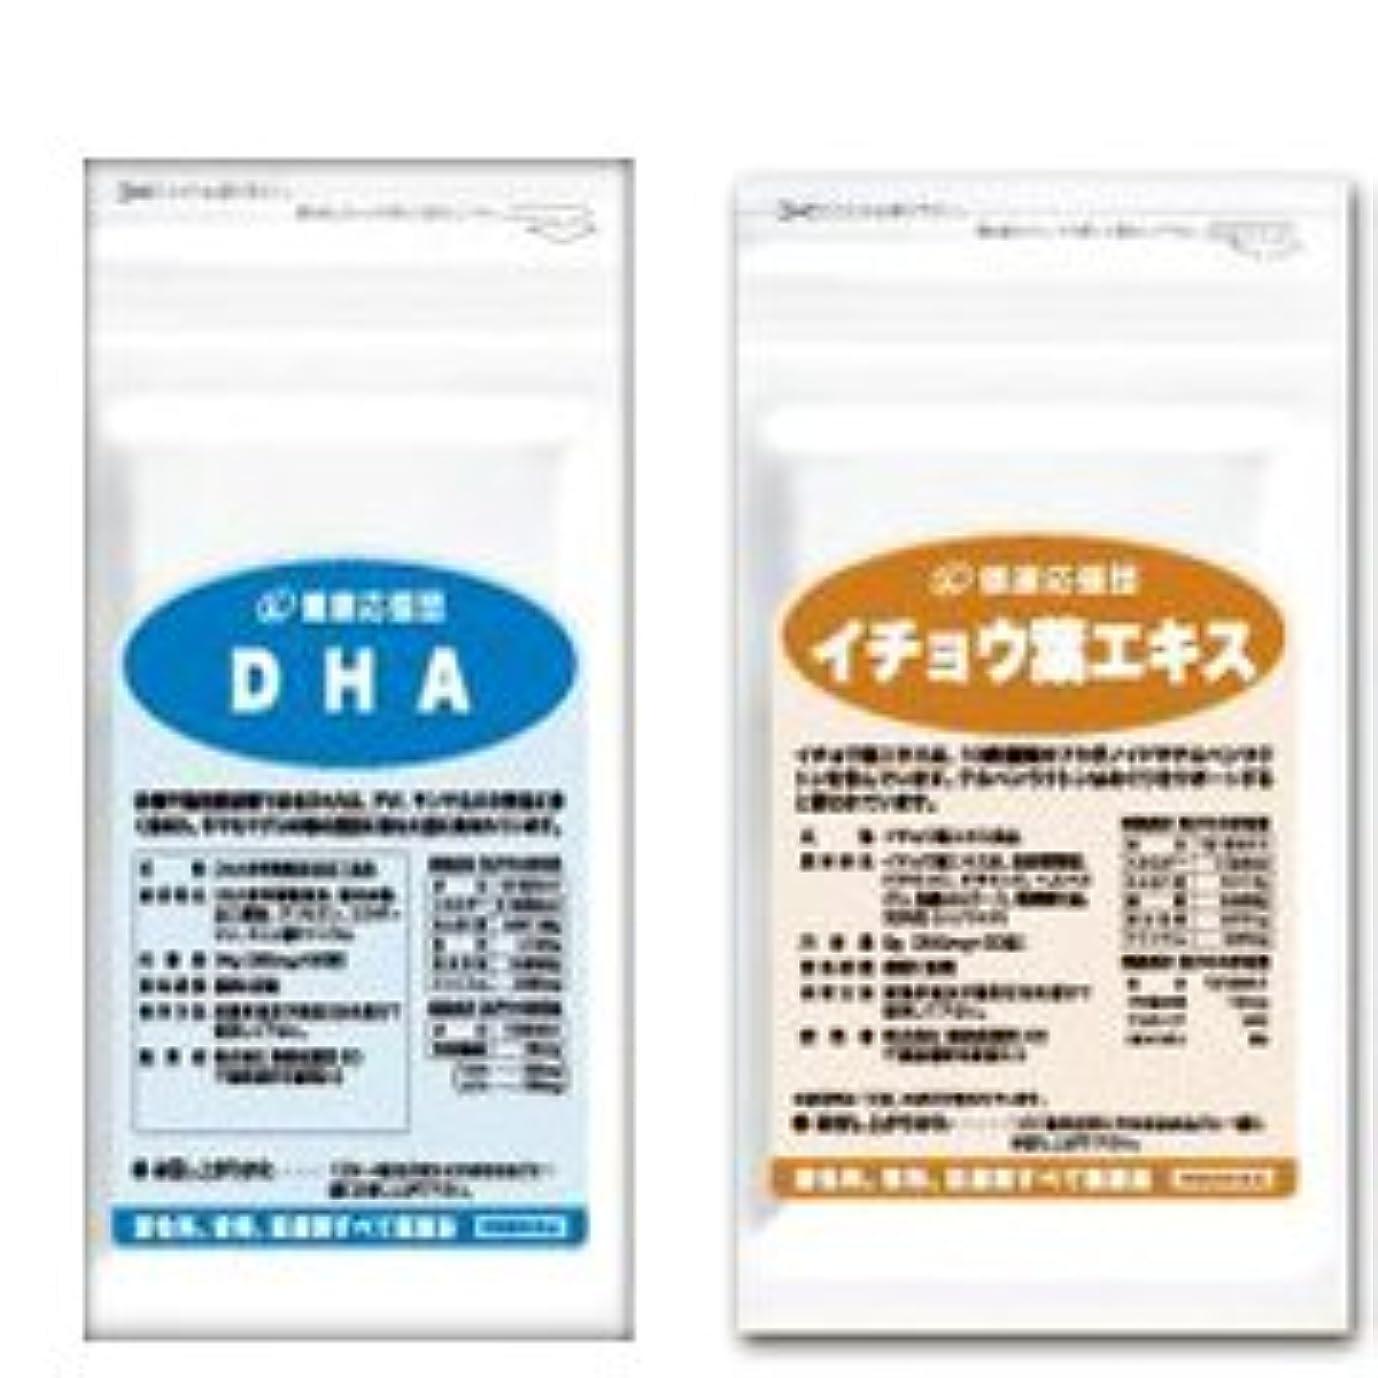 デンマーク語ホバート蛇行(お徳用12か月分)サラサラ巡りセット DHA + イチョウ葉エキス 12袋&12袋セット(DHA?EPA?イチョウ葉?ビタミンC?ビタミンE?ビタミンP配合)